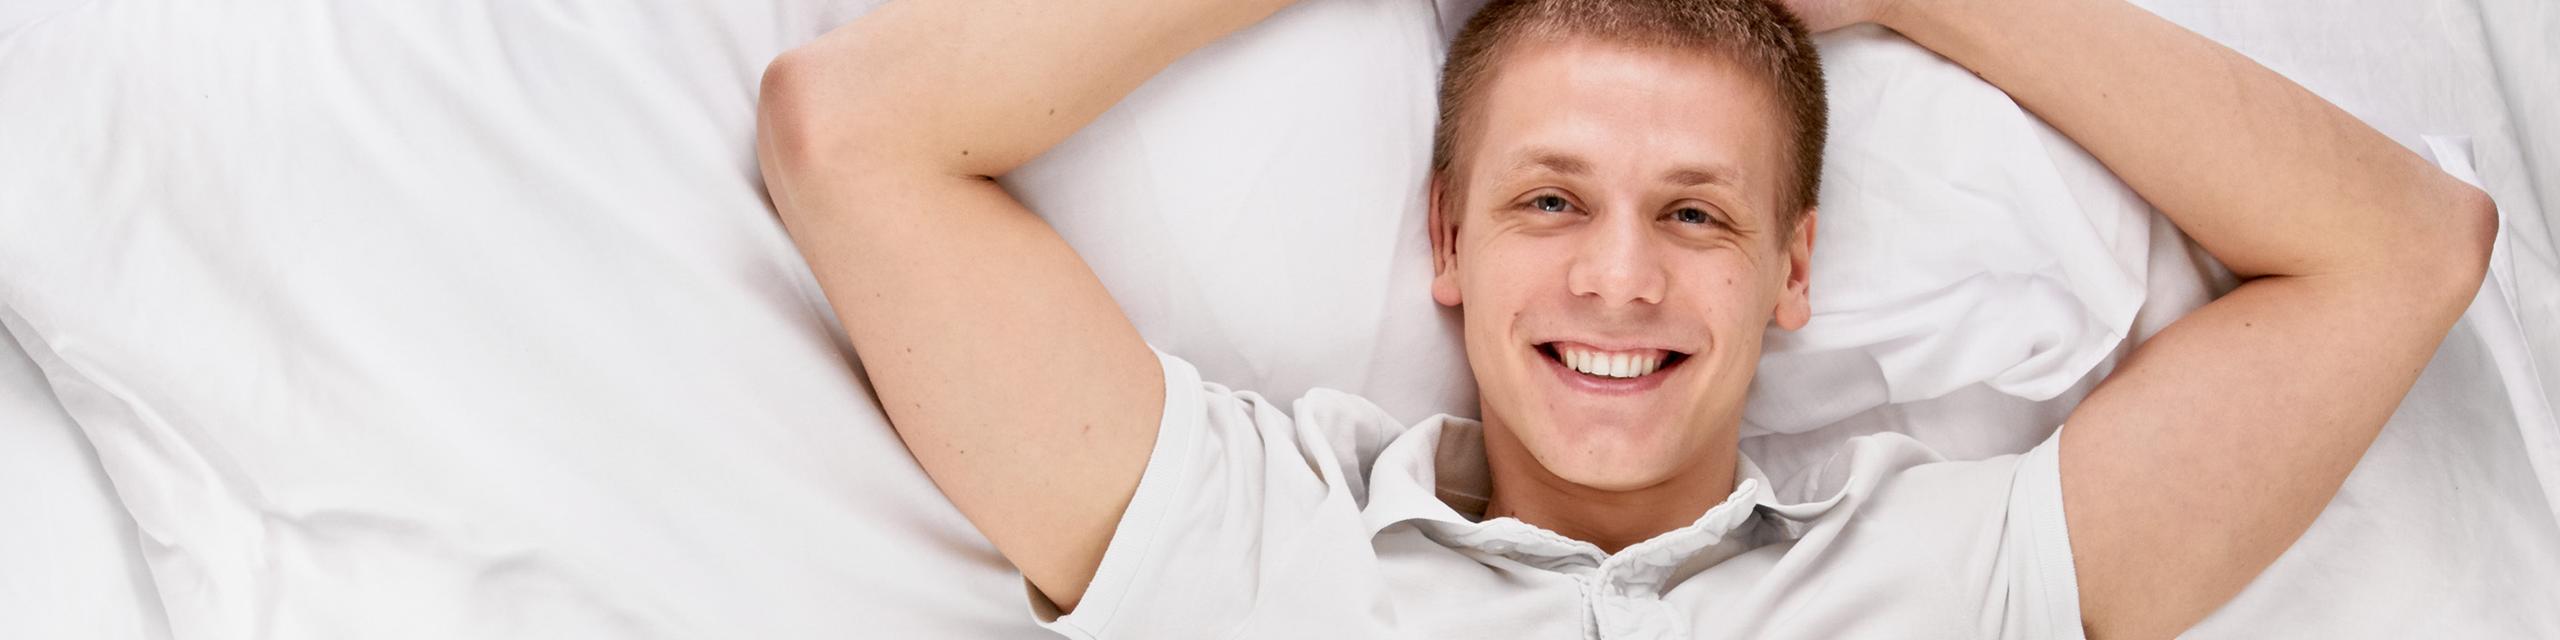 5 dingen die mannen belangrijk vinden in bed